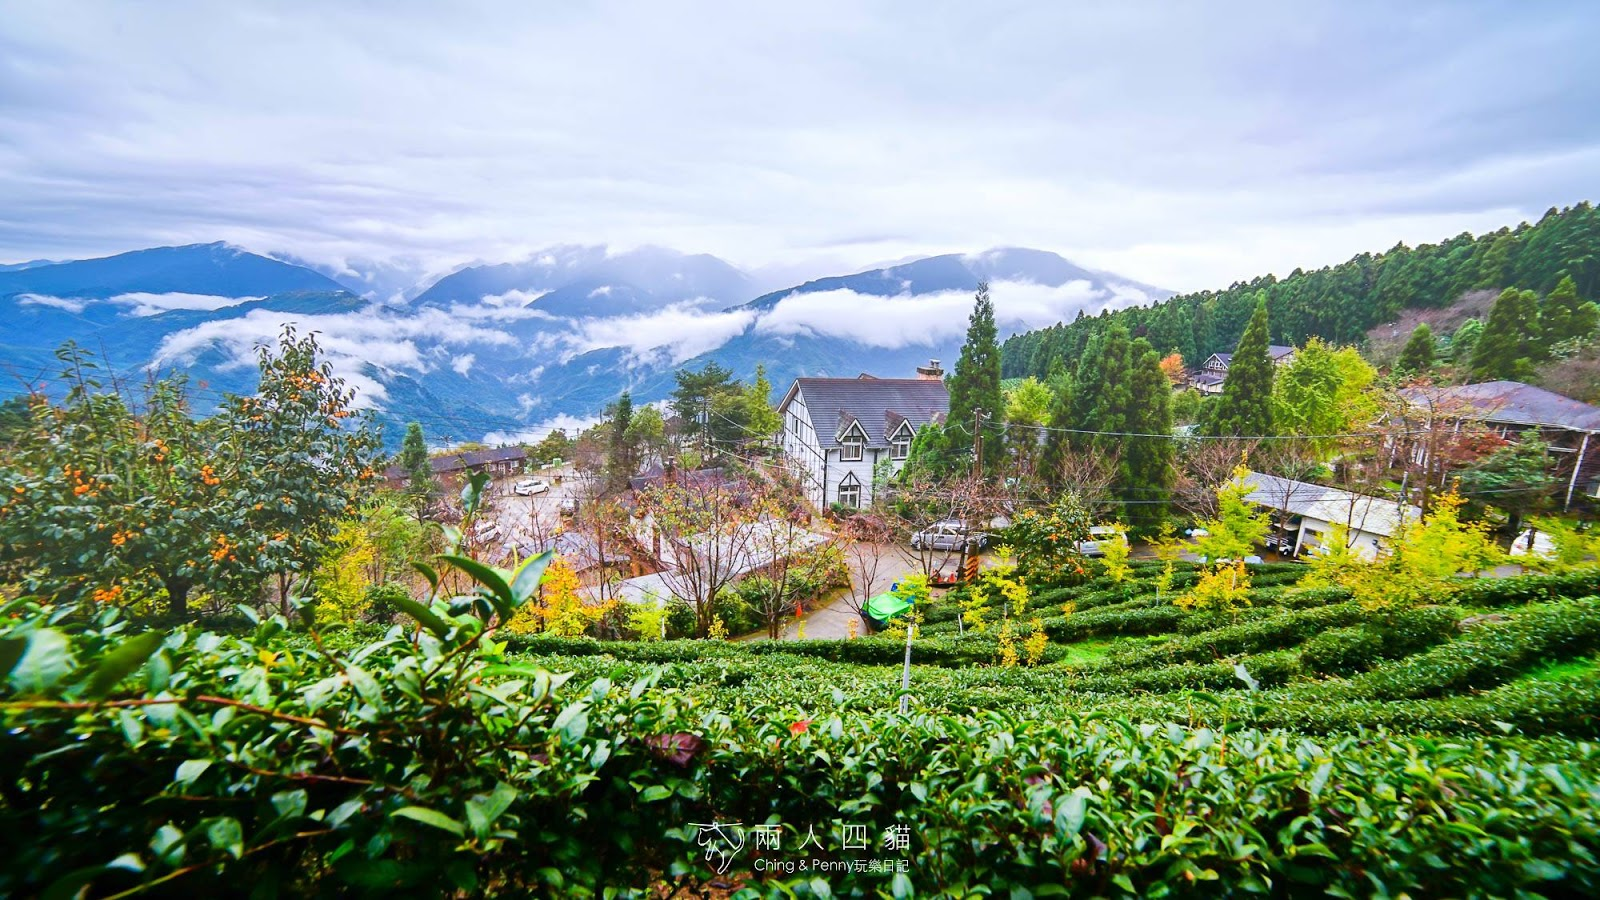 【新竹住宿】新竹山上人家森林農場 超美雲海景觀、山上歐風民宿晚餐 一泊二食